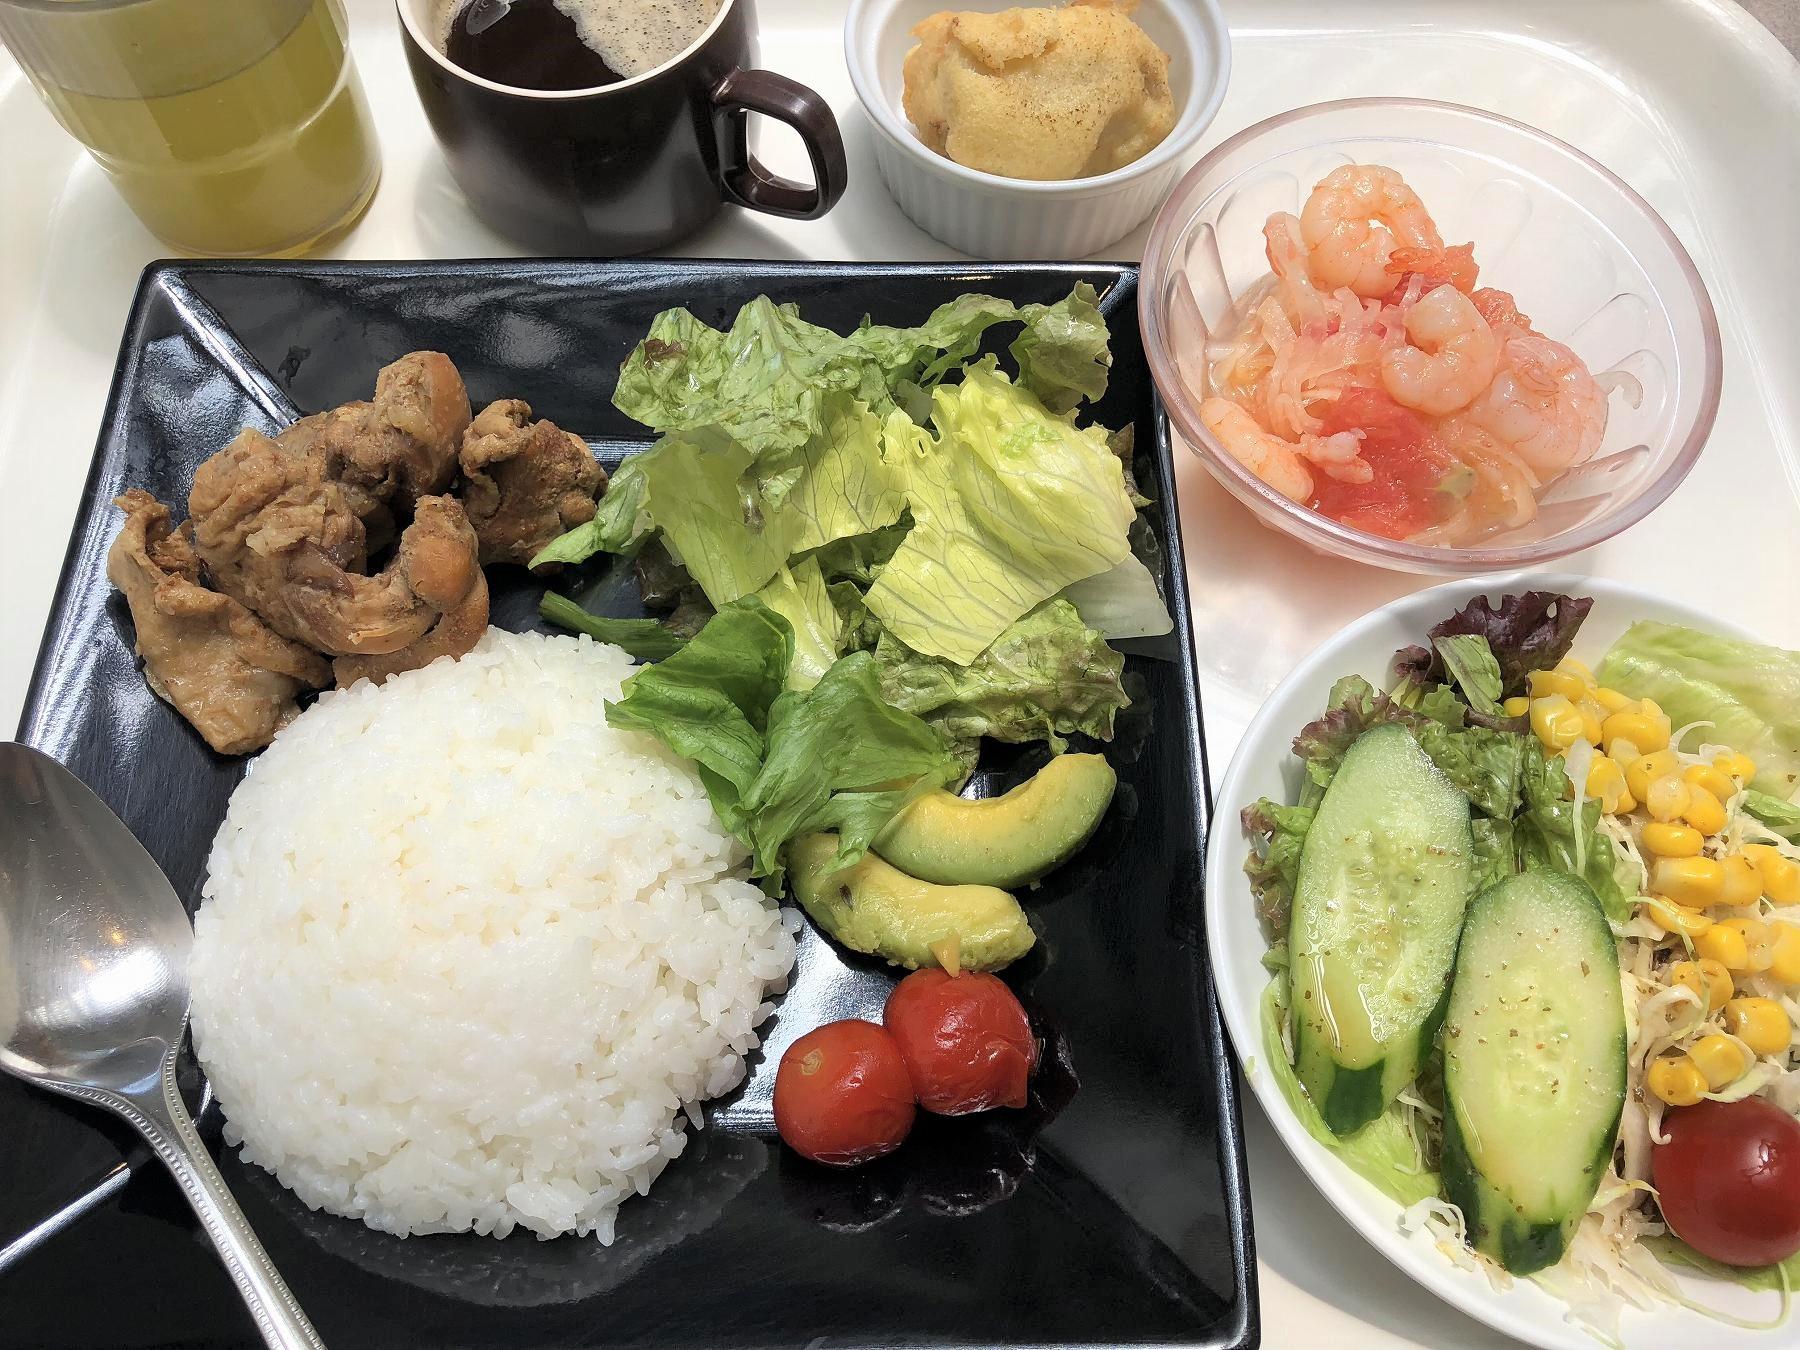 神戸・脇の浜にある「JICA関西」でエスニック料理と広報展示室を堪能してきた! #JICA #JICA関西食堂 #国際協力 #エスニック料理